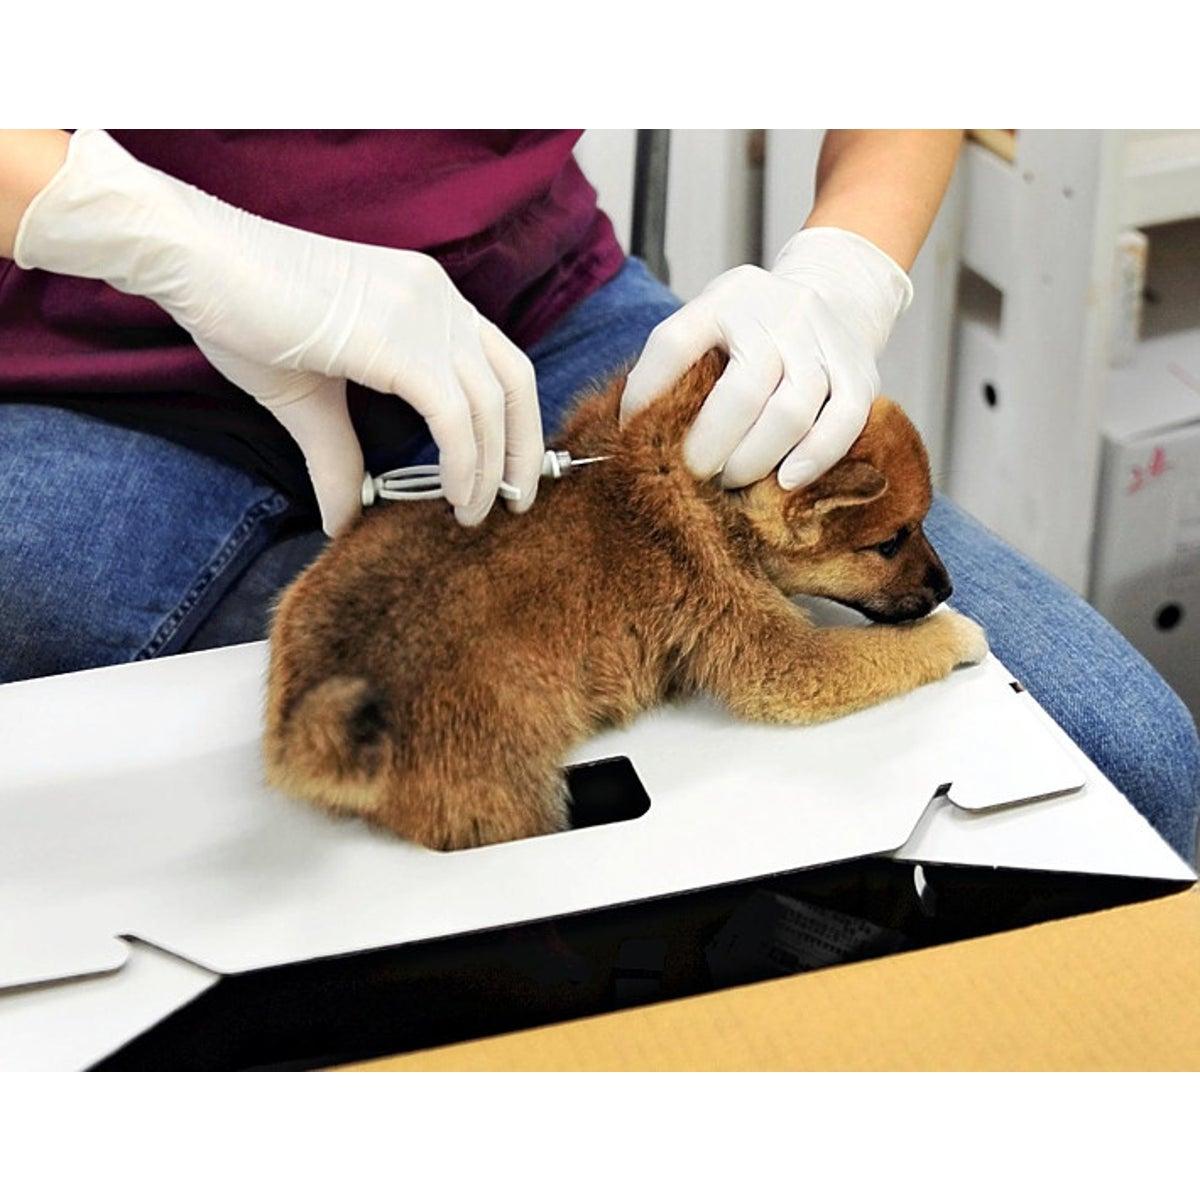 【環境省】ペットの犬猫、マイクロチップ装着義務化へ 登録に300円